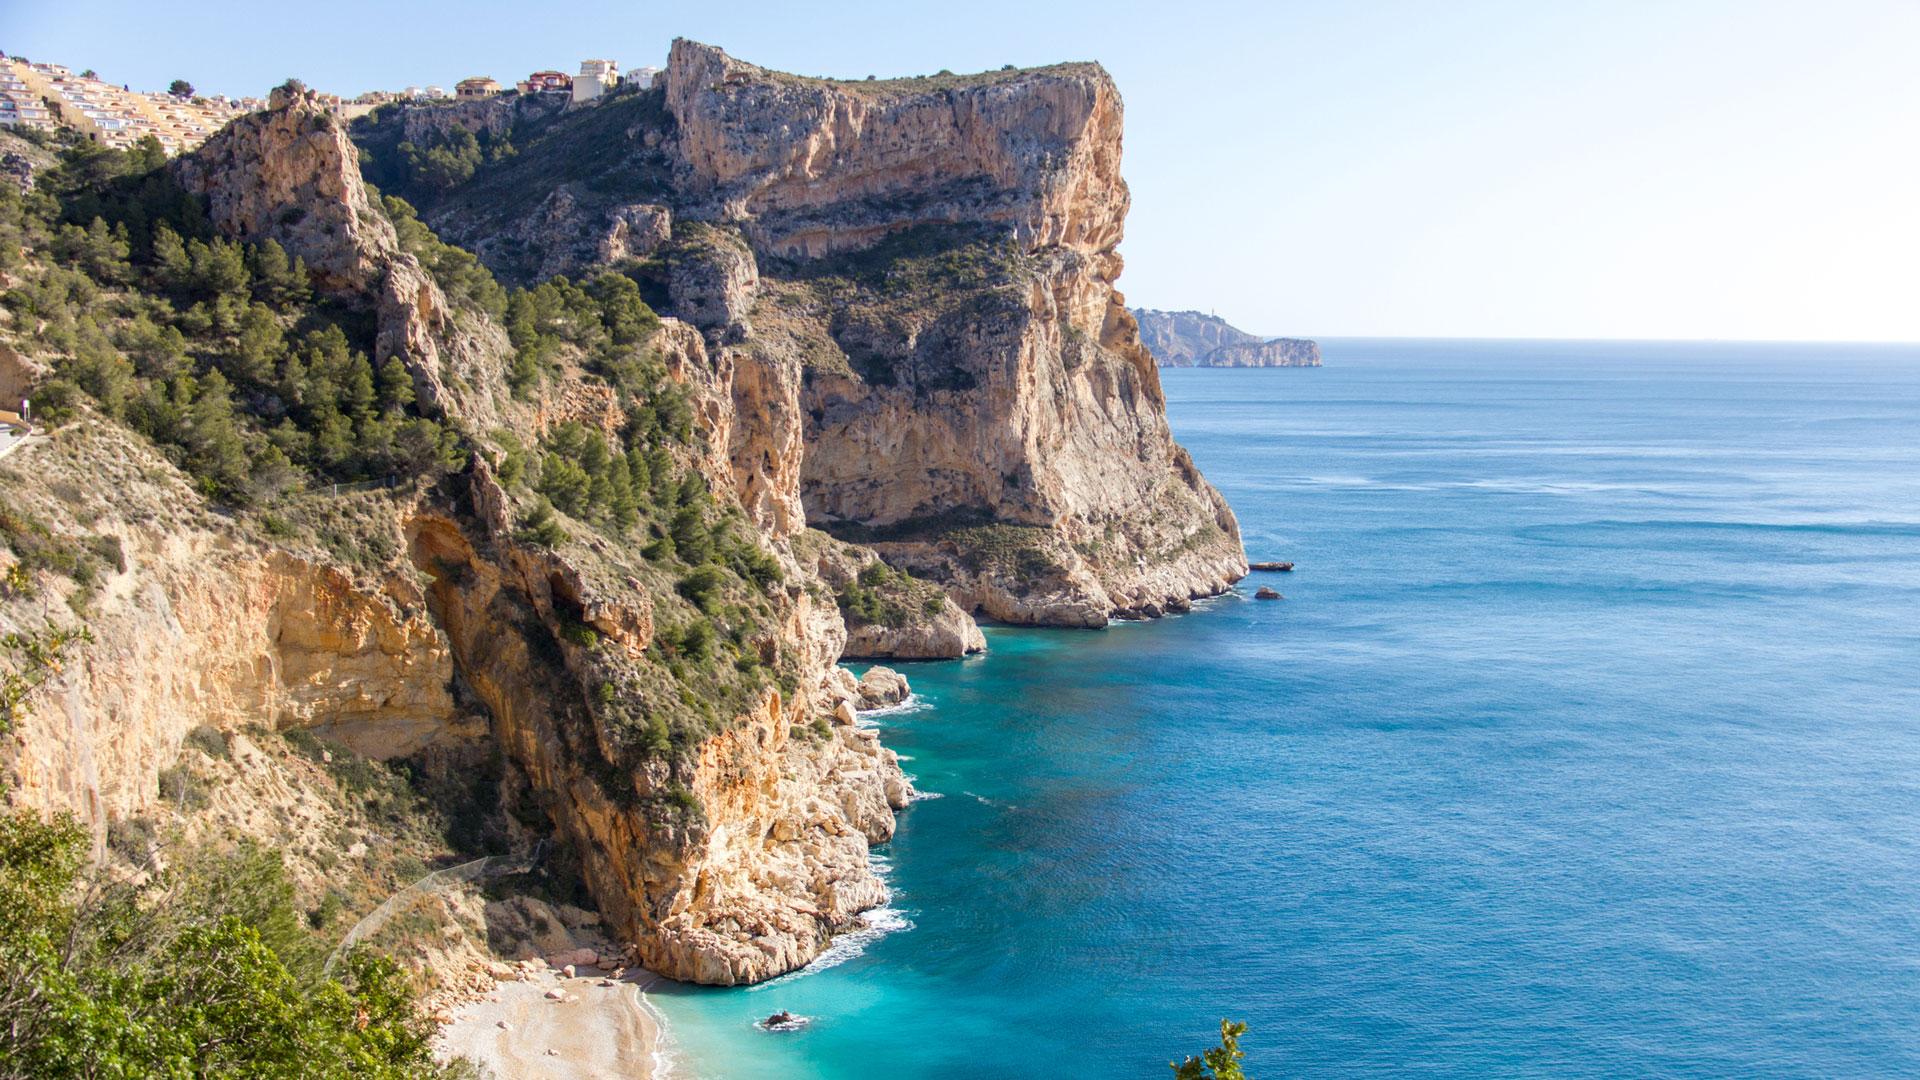 Ofertas en vacaciones Costas de España en Julio en Hotel 2/3* desde 58€ + cancelación gratis